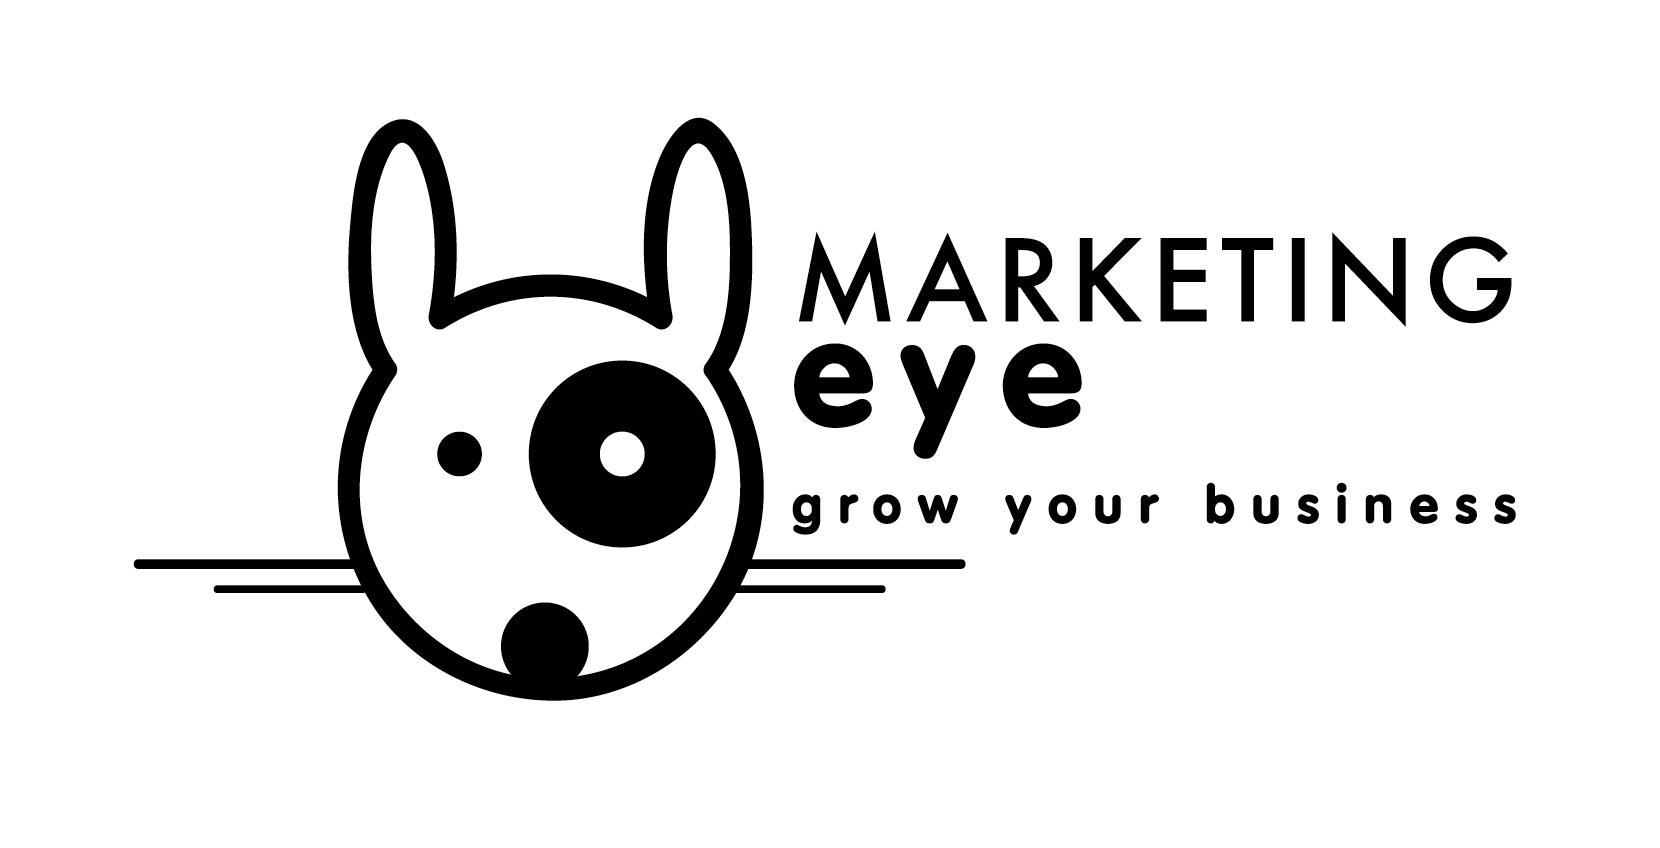 marketing eye logo